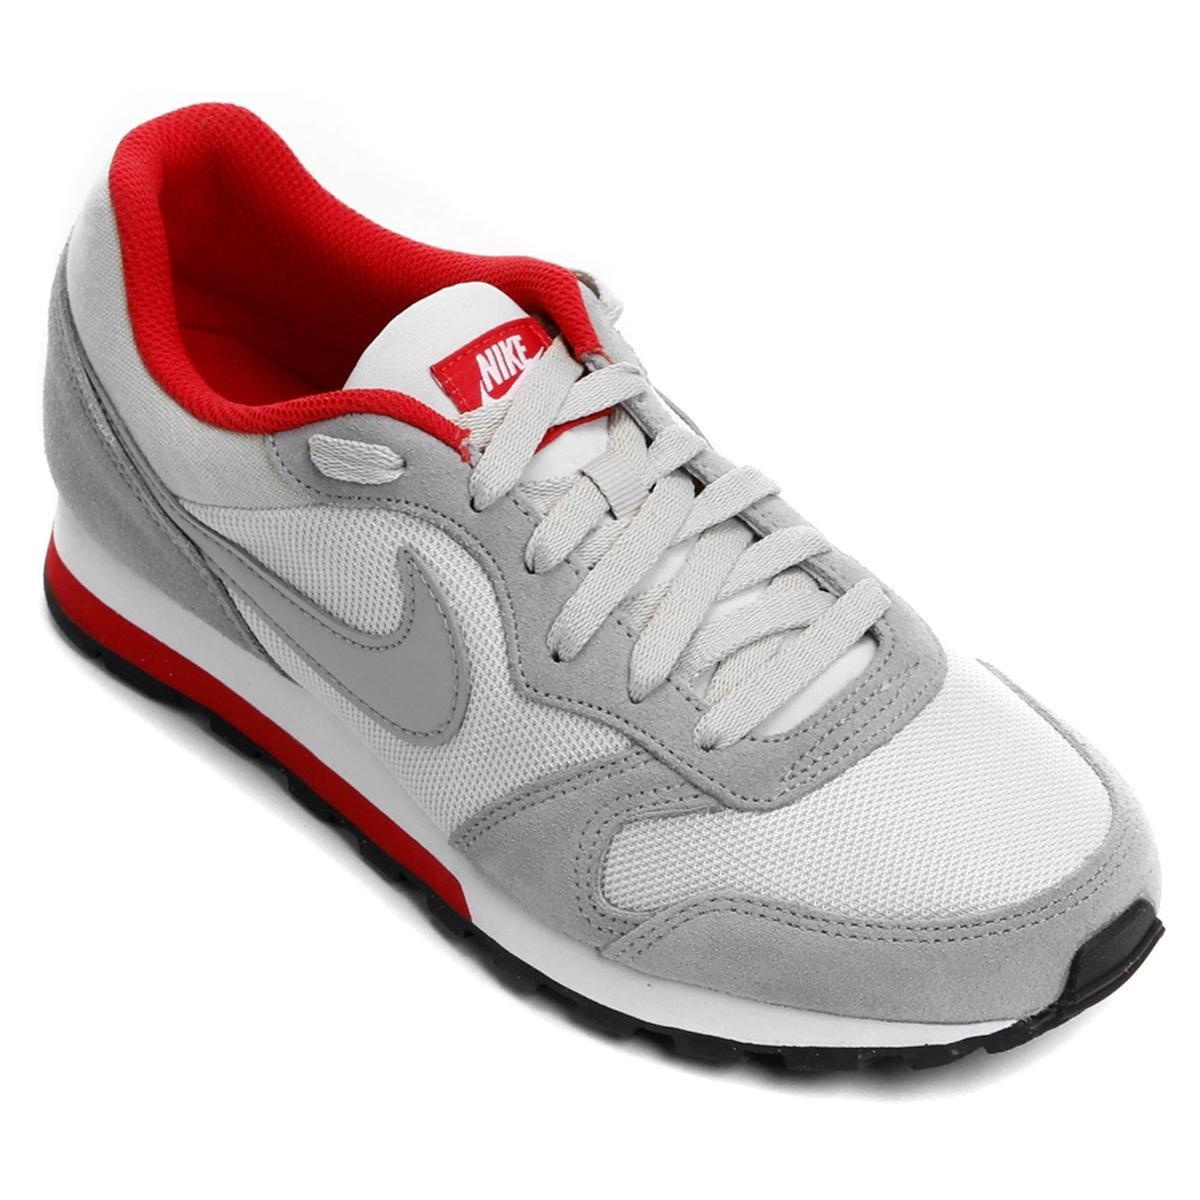 Tênis Nike Md Runner 2 Masculino - Cinza e Vermelho - Compre Agora ... 9caf5474c6ce1